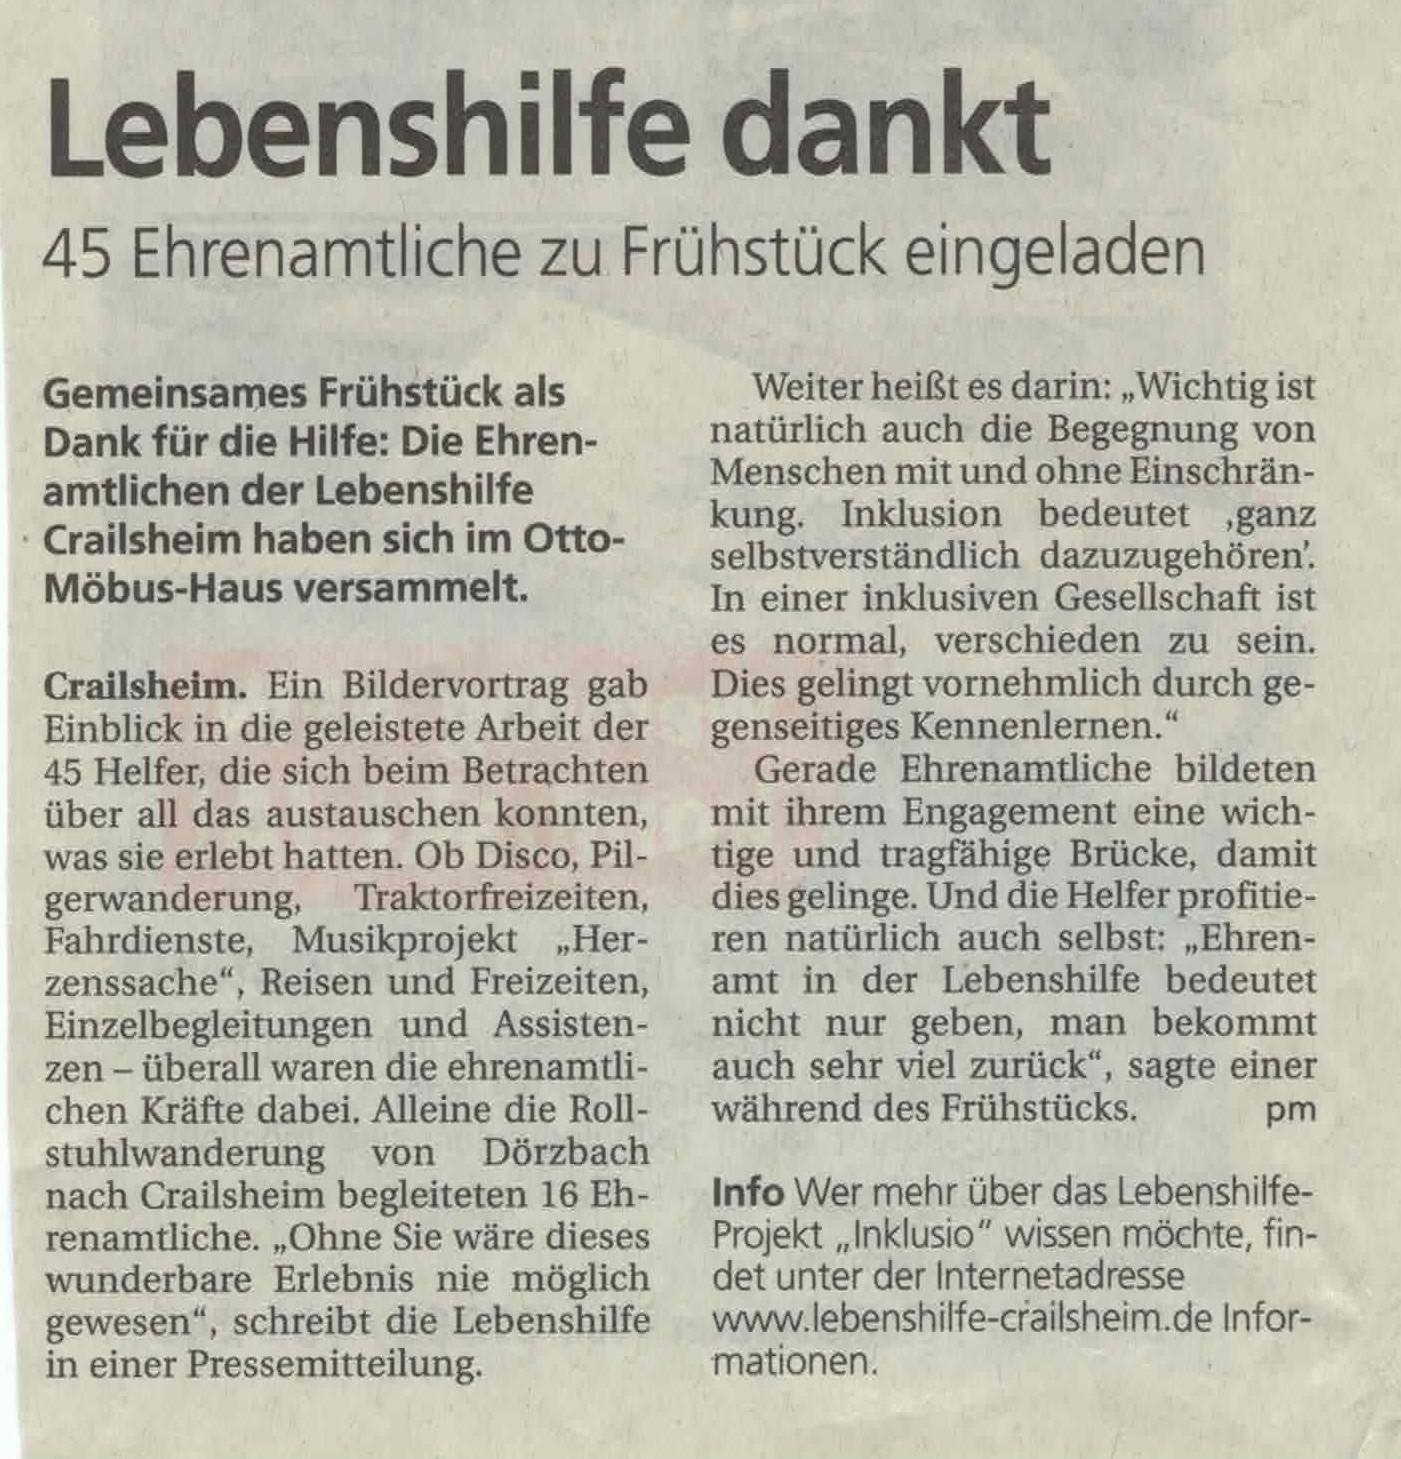 Ehrenamt 2015.jpg - 492.30 KB